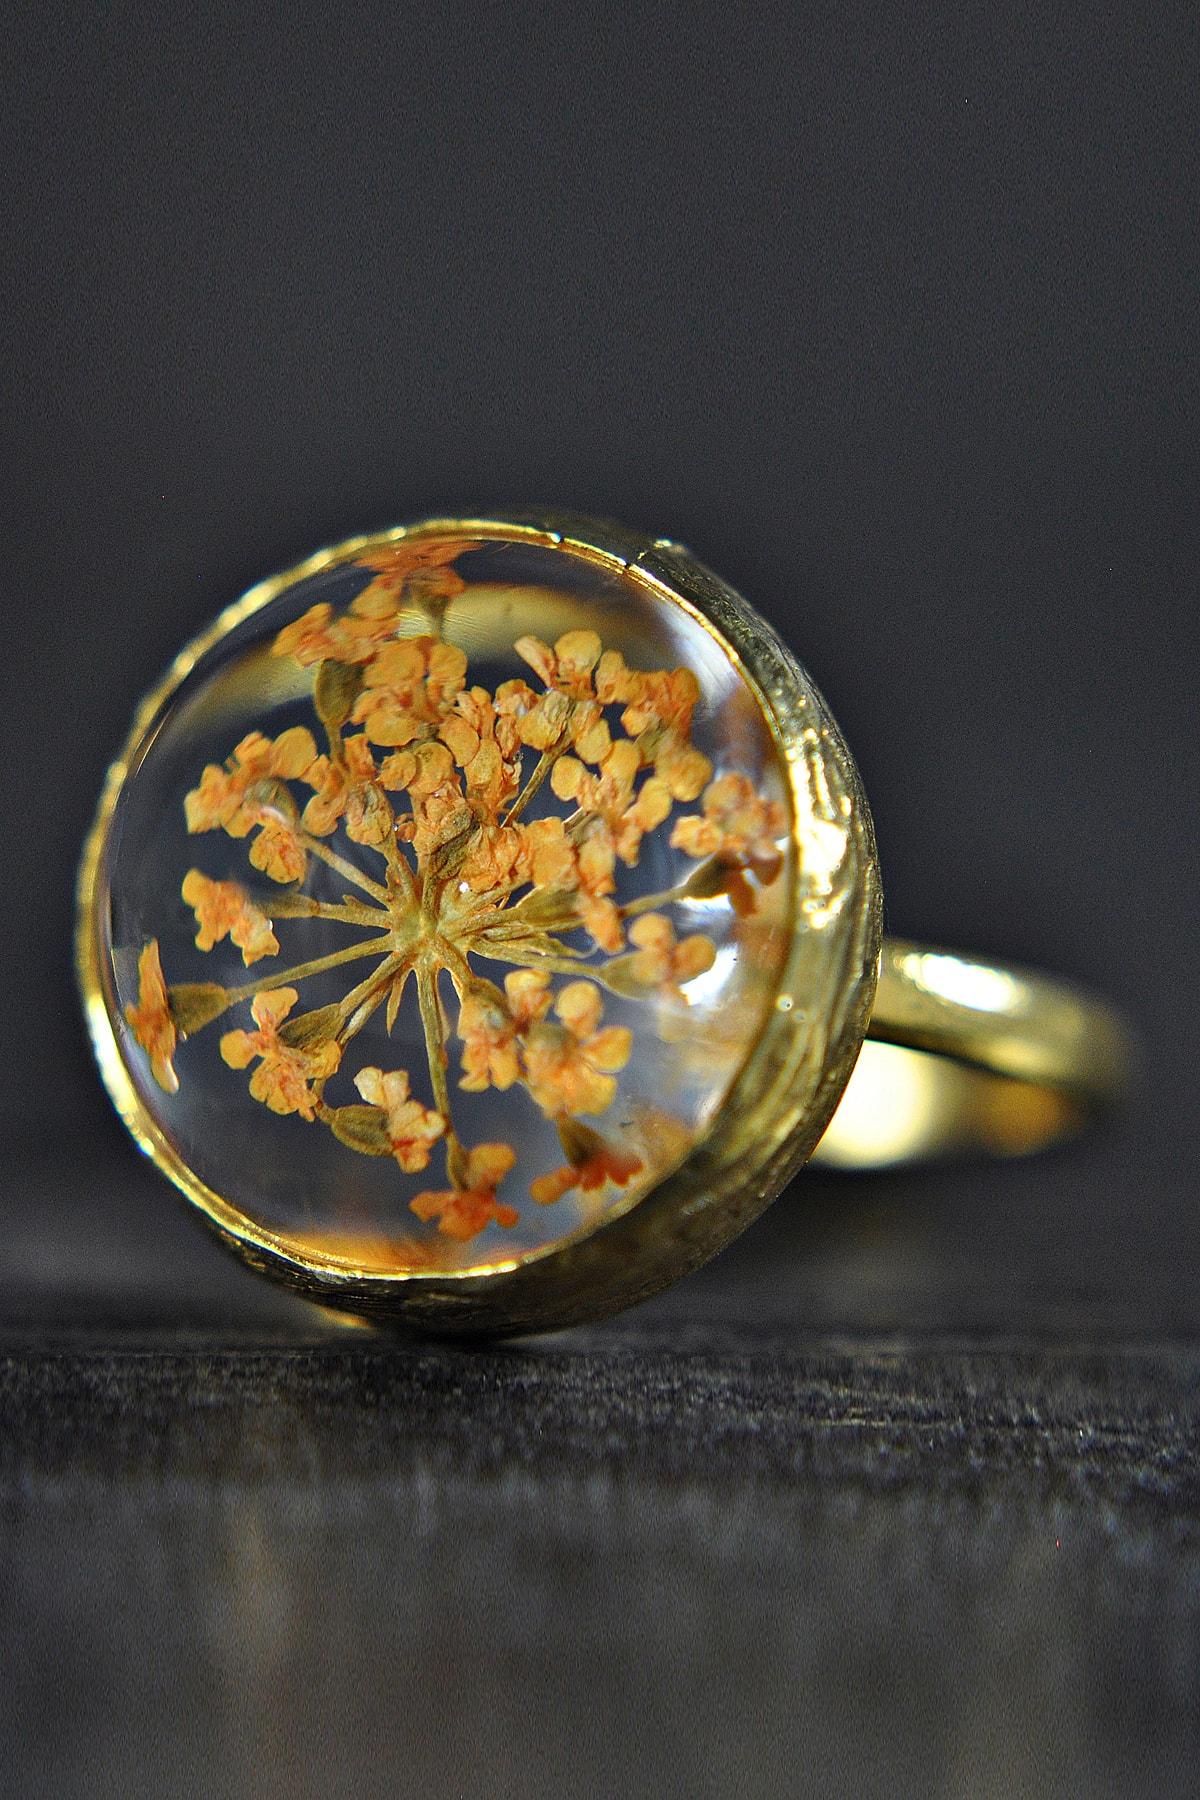 LADYMİRAGE Gerçek Çiçekli Altın Kaplama Yüzük 1